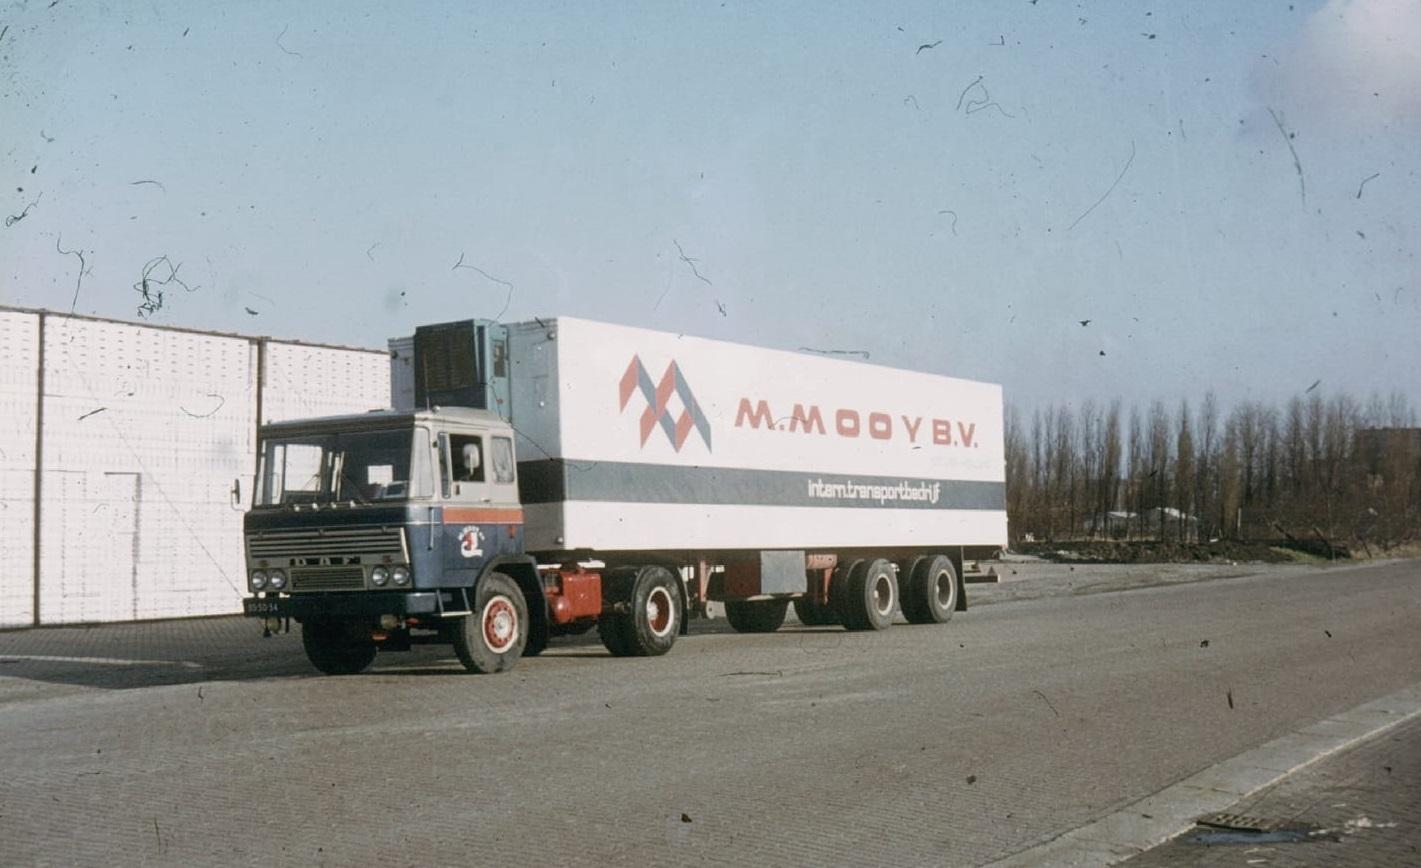 Ronald-van-Oort--Staatsieportret-van-de-BS-50-34-Net-nieuw-afgeleverd-in-1972--Op-de-veiling-in-Delft-met-op-de-achtergrond-de-lege-piepschuim-dozen-van-VDD-De-trailer-was-tweedehands-overgenomen-van-Spronsen-